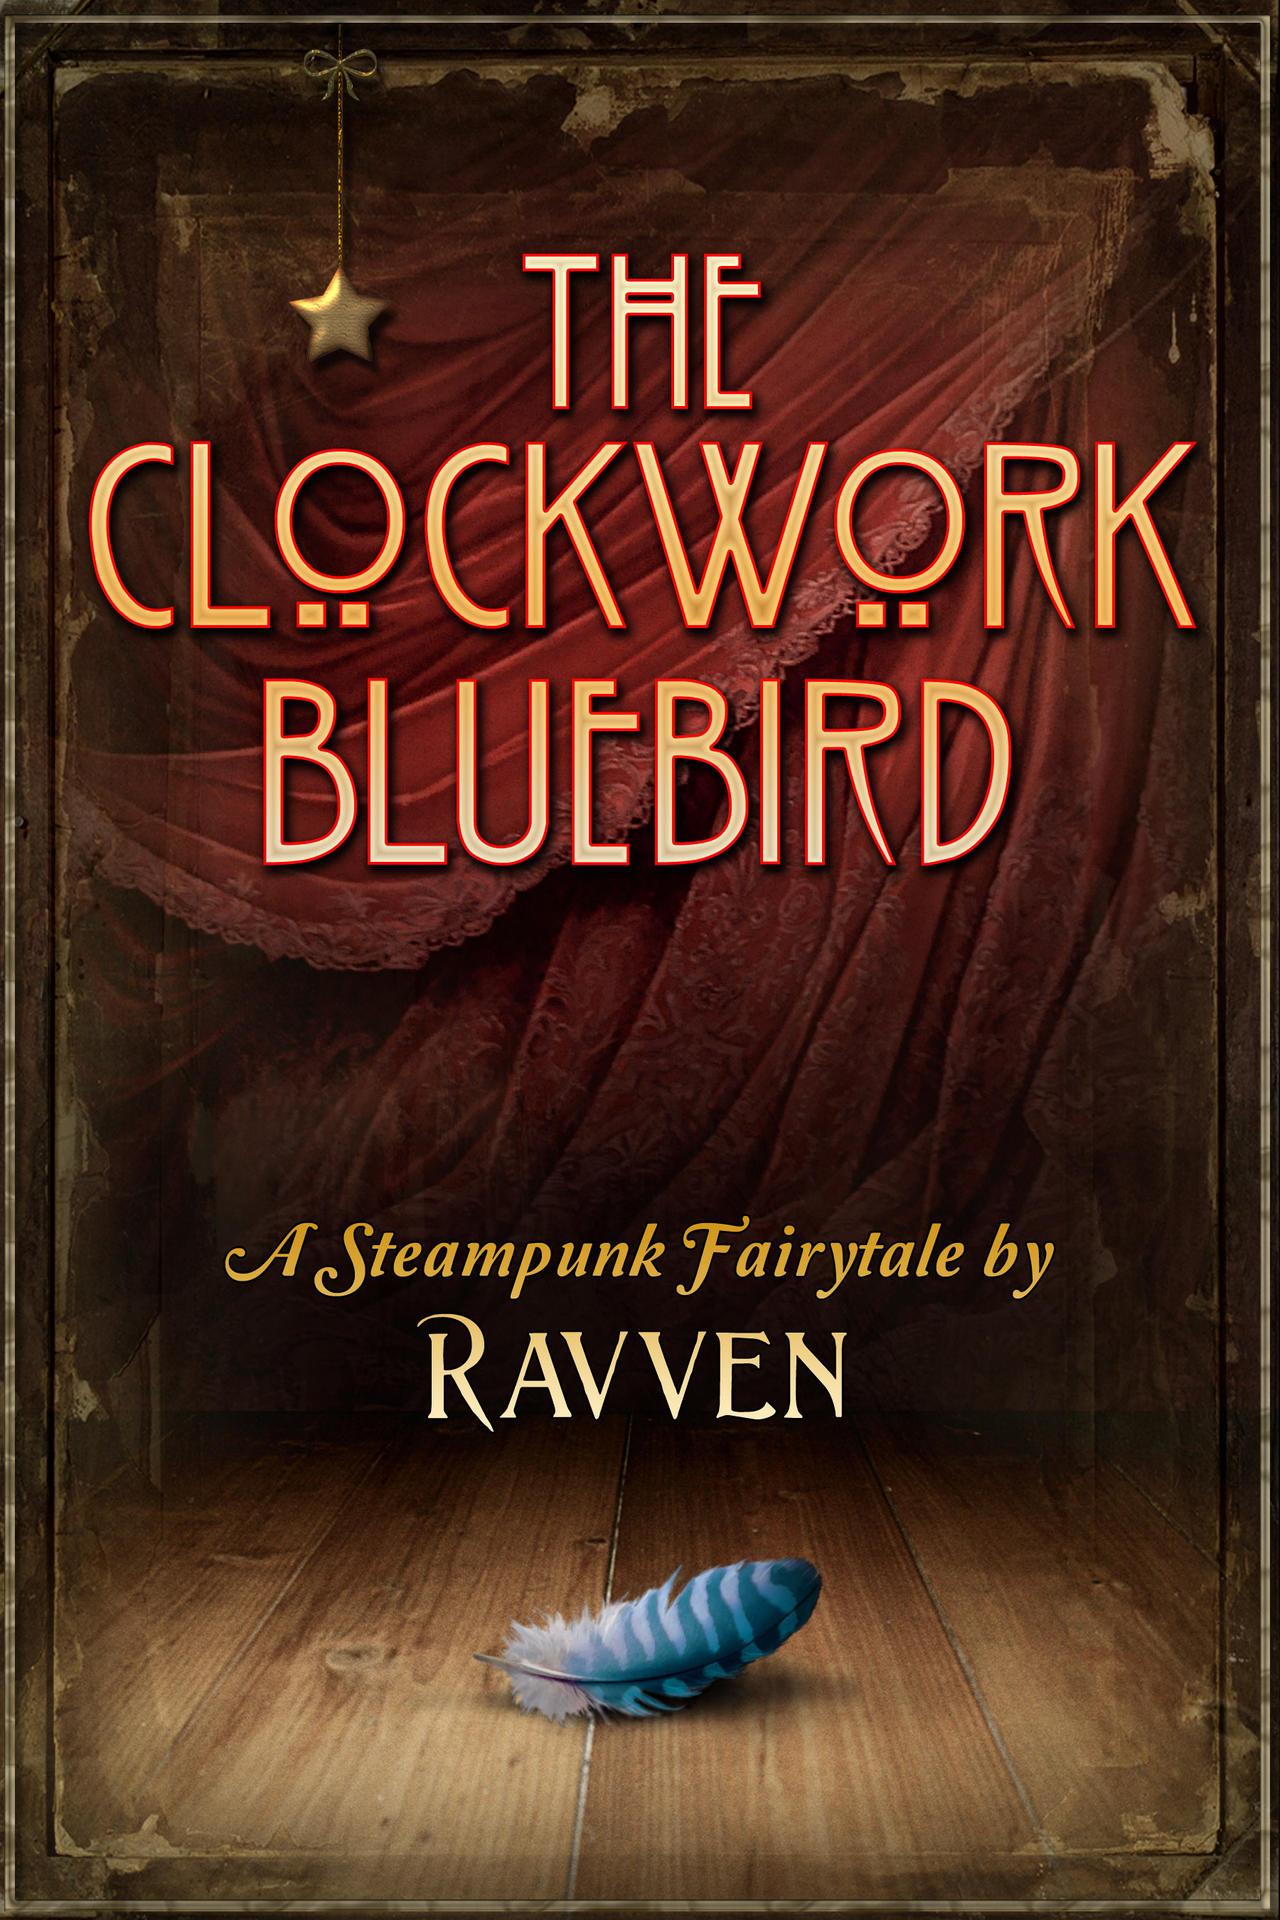 The Clockwork Bluebird 2